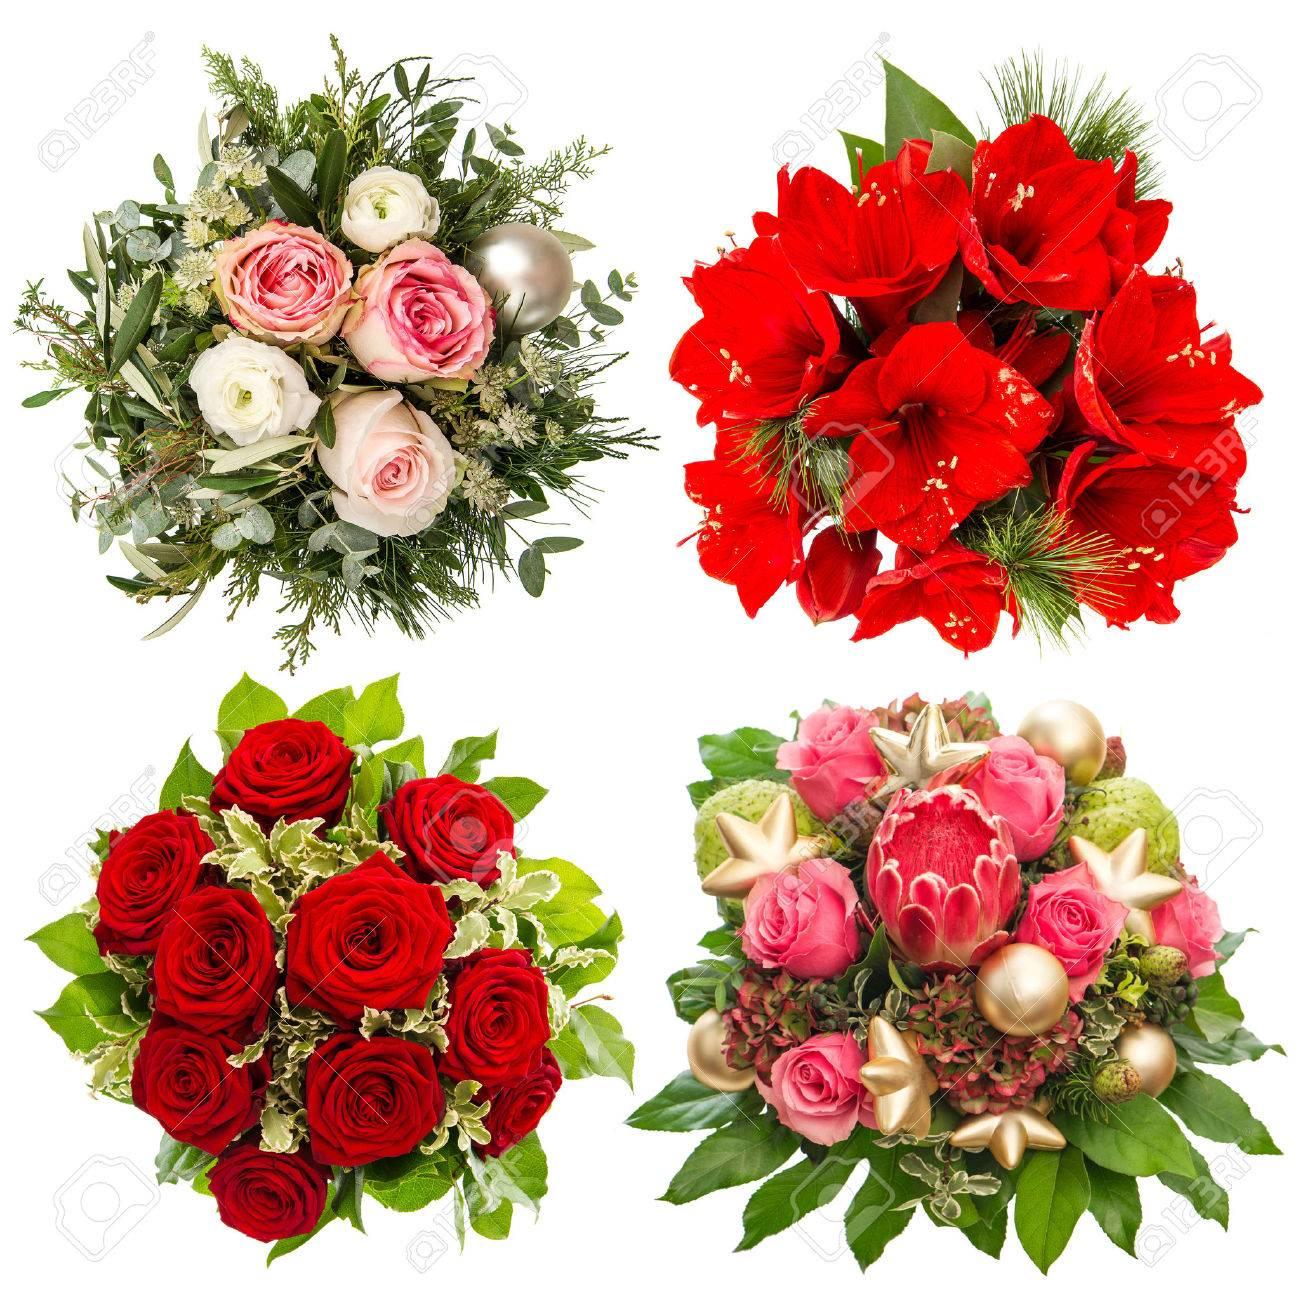 Vier Bunte Blumenblumenstrauß Für Weihnachten Und Neujahr. Rosen ...